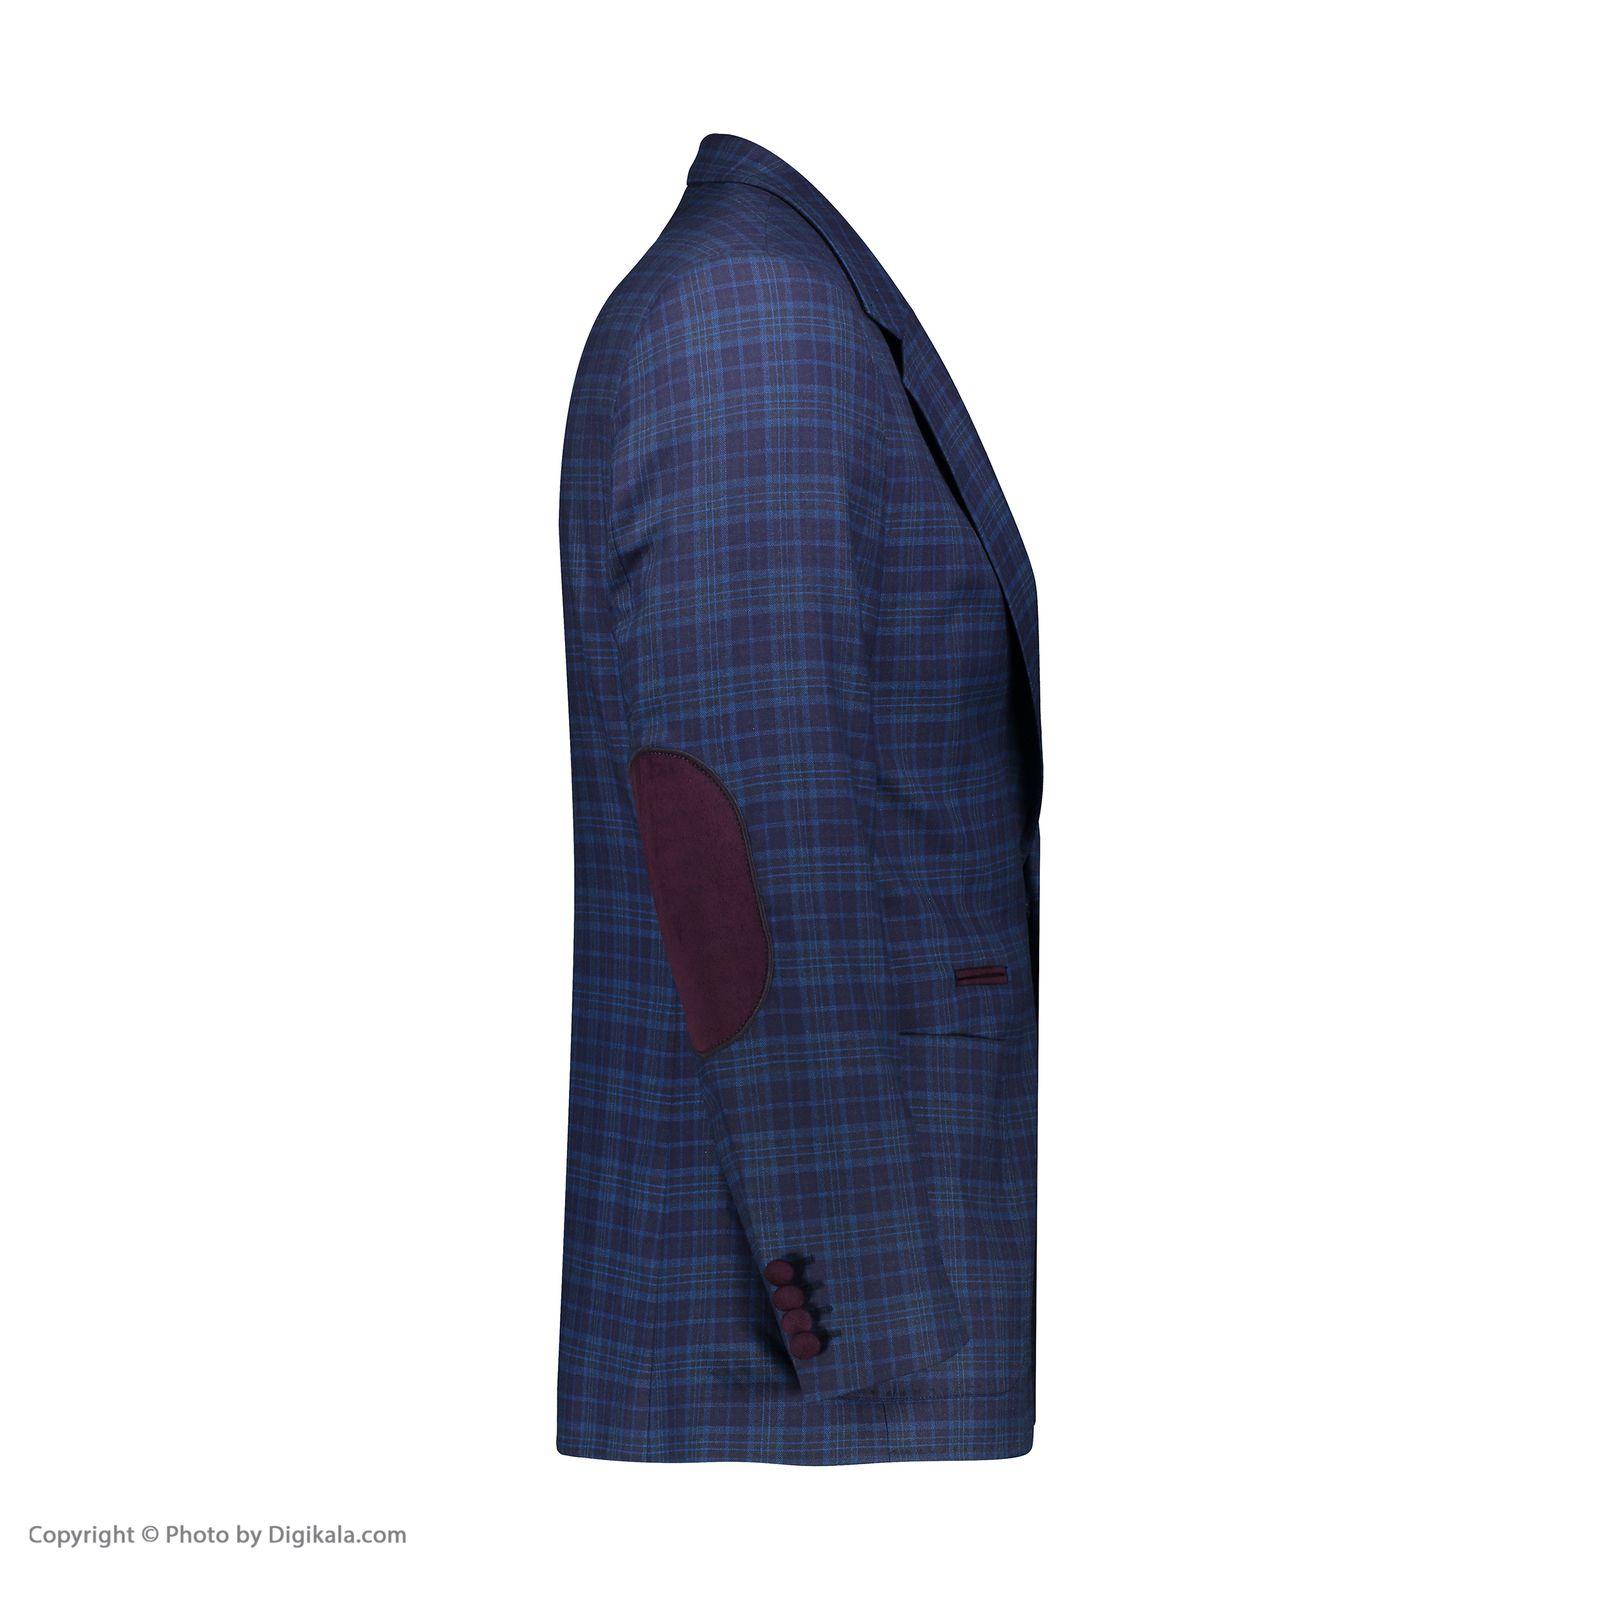 کت تک مردانه گراد کد 0019 -  - 3